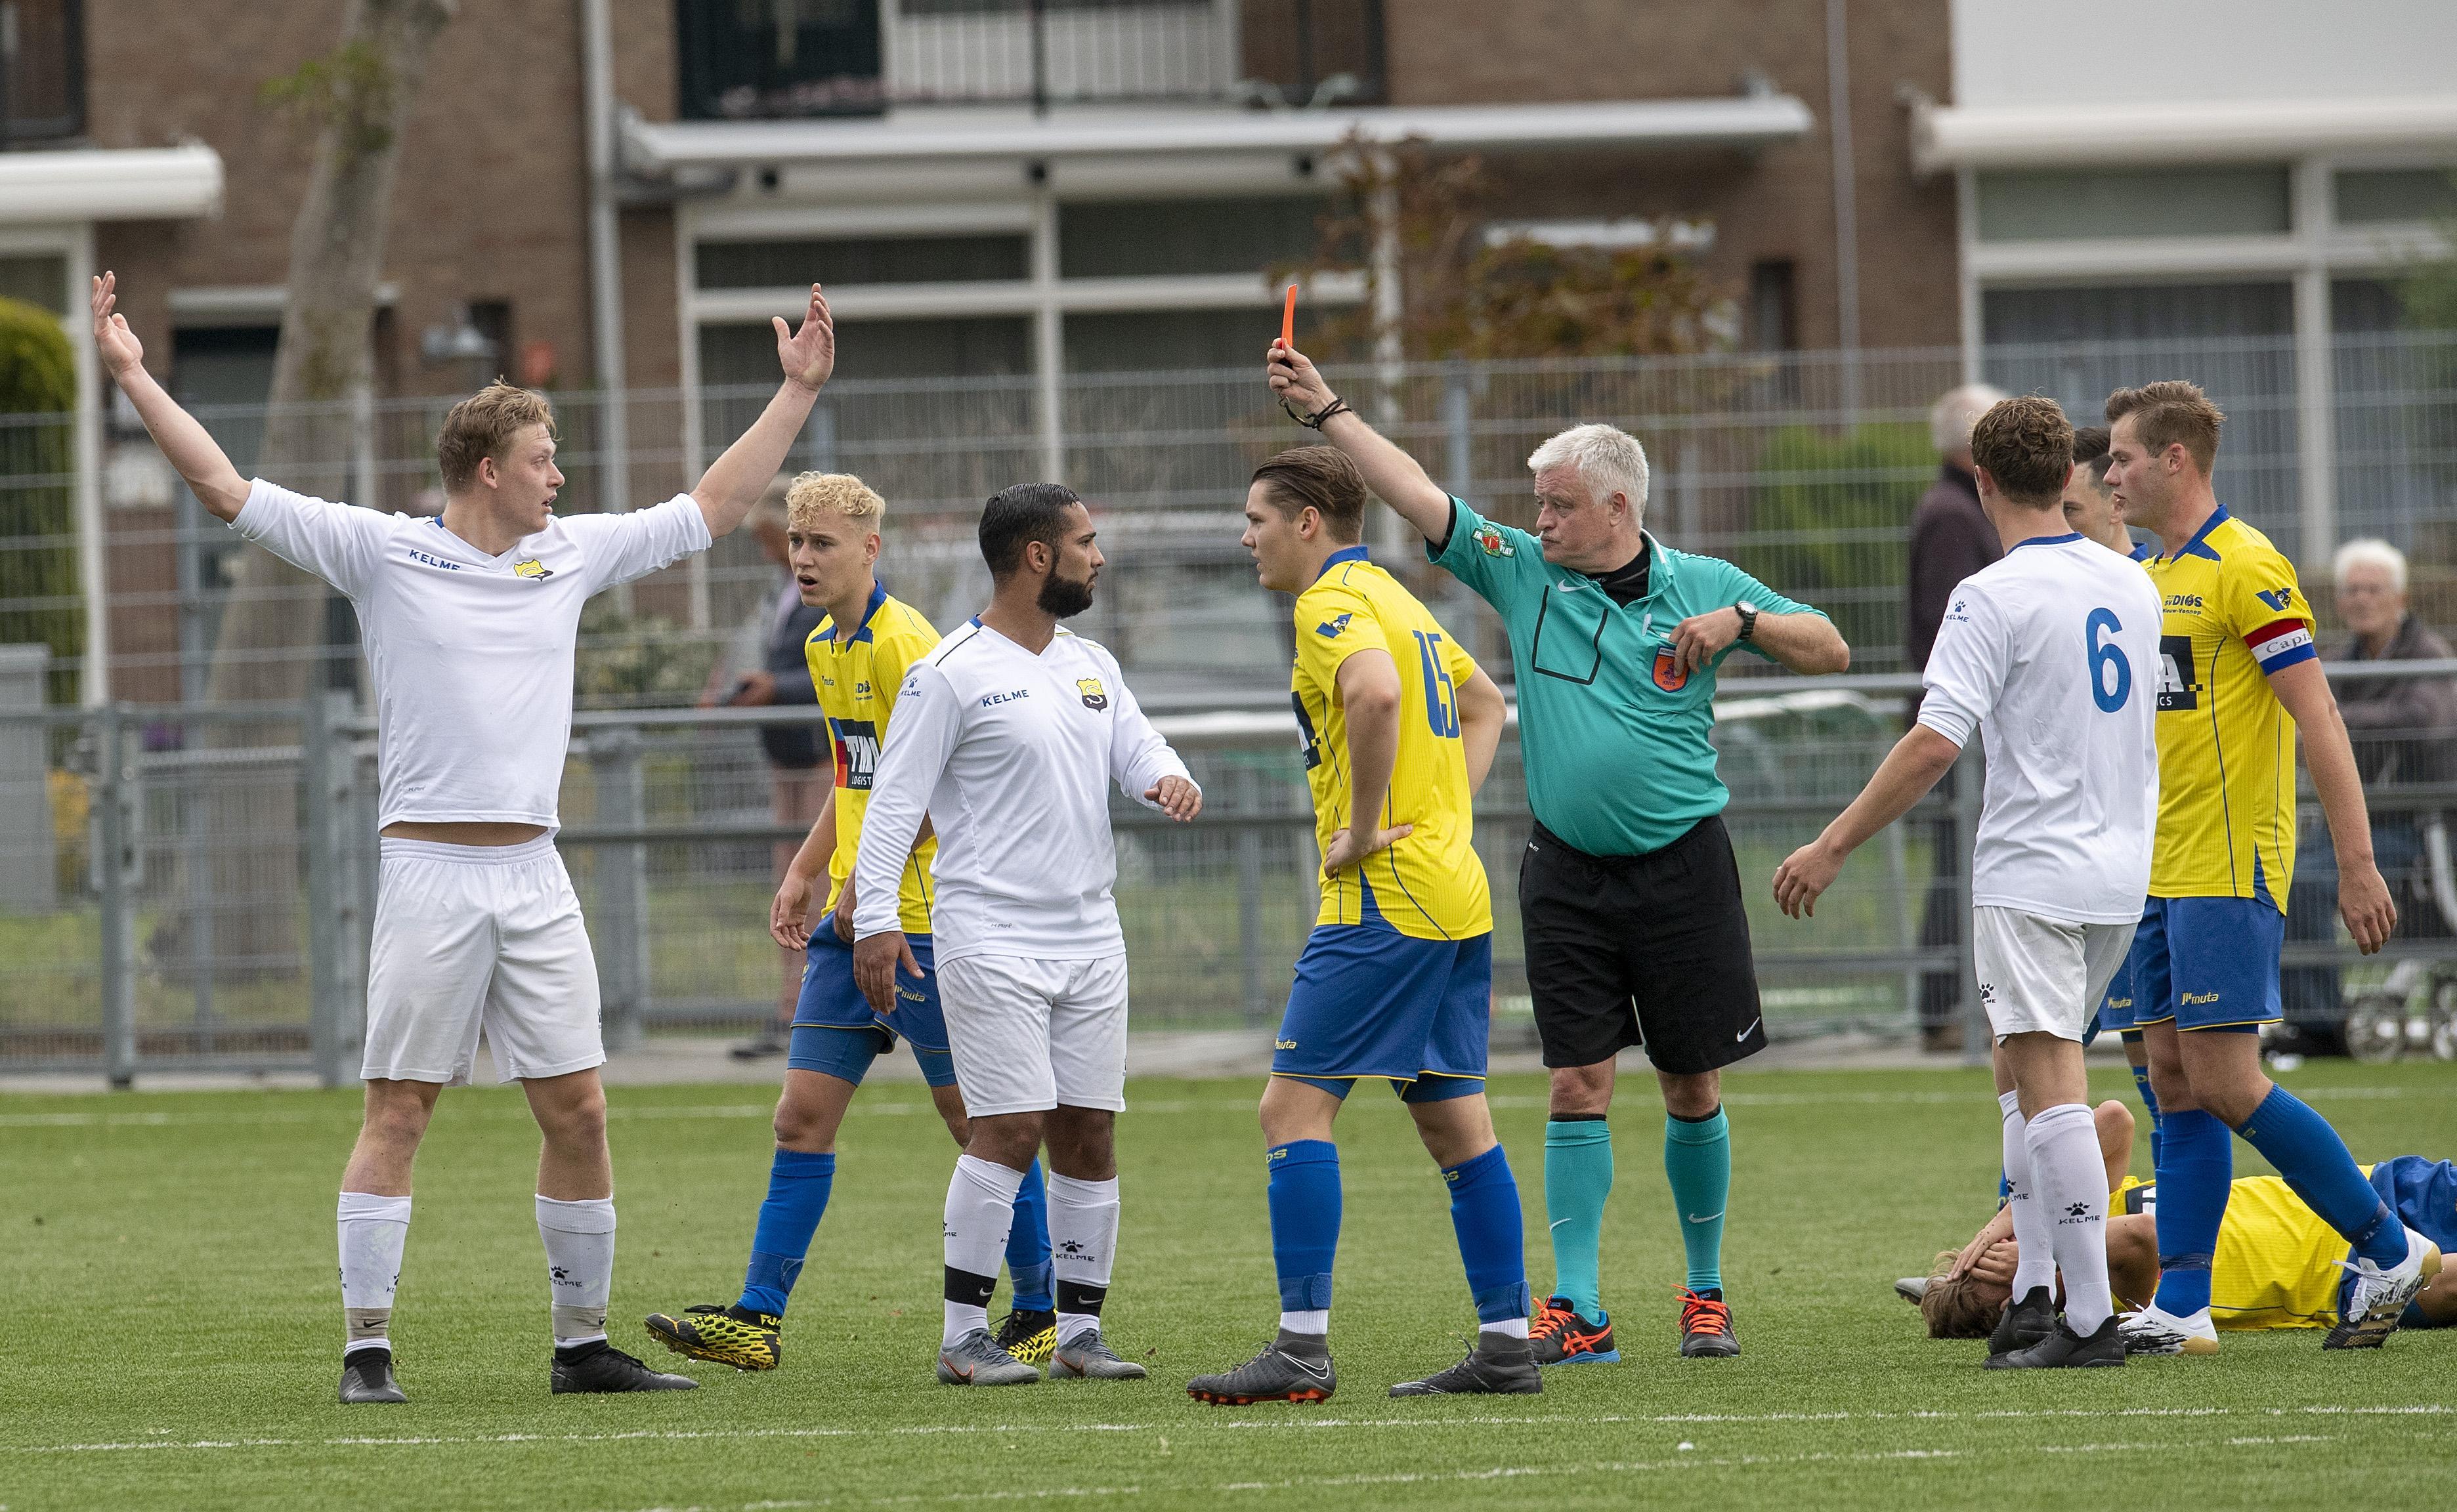 Zes goals, een onterechte rode kaart en vooral ontevreden spelers na 3-3 gelijkspel tussen DIOS en Schoten